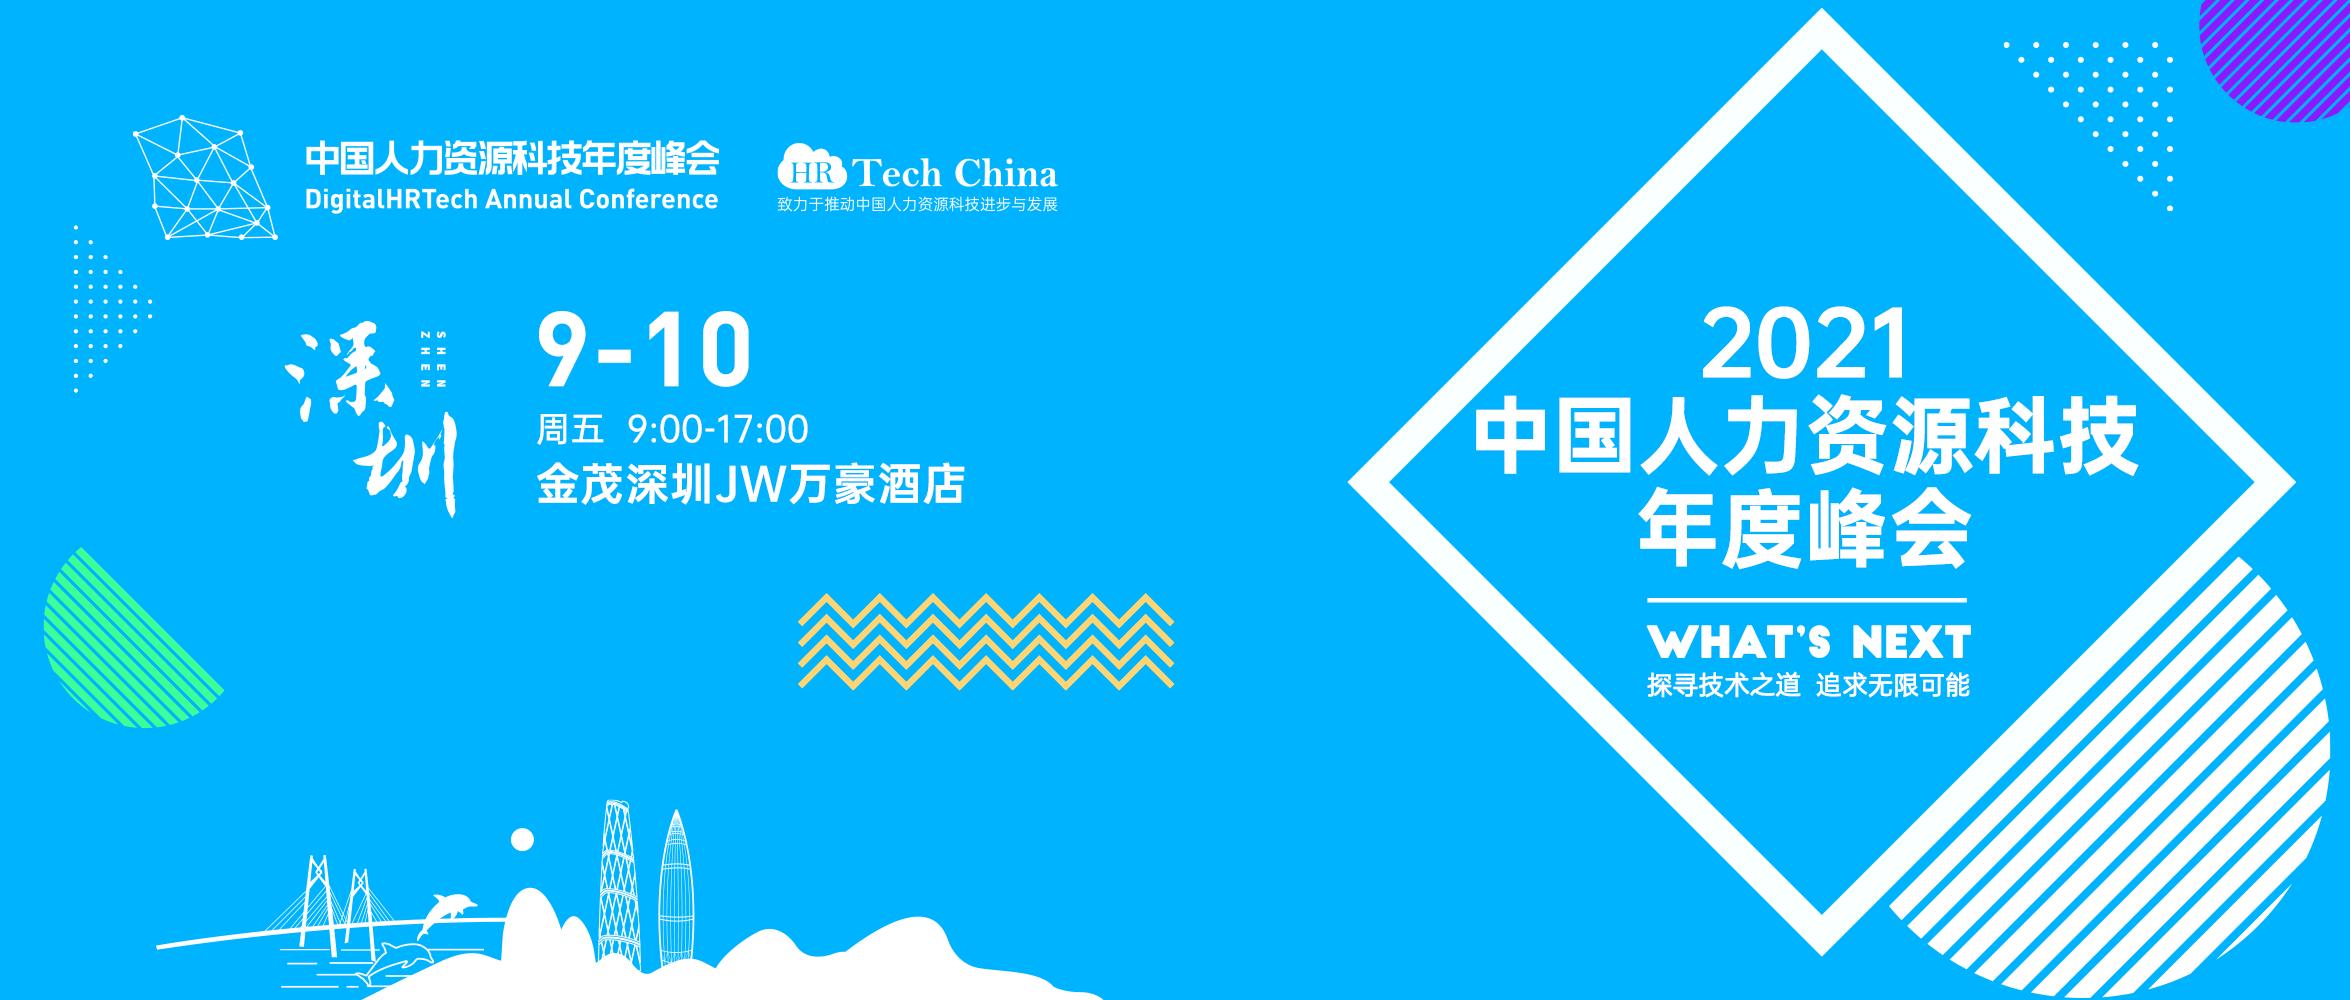 """【深圳】超级盛会:2021中国人力资源科技年度峰会""""Whats Next""""9月10日深圳重磅来袭,汇聚前沿话题,报名开始"""